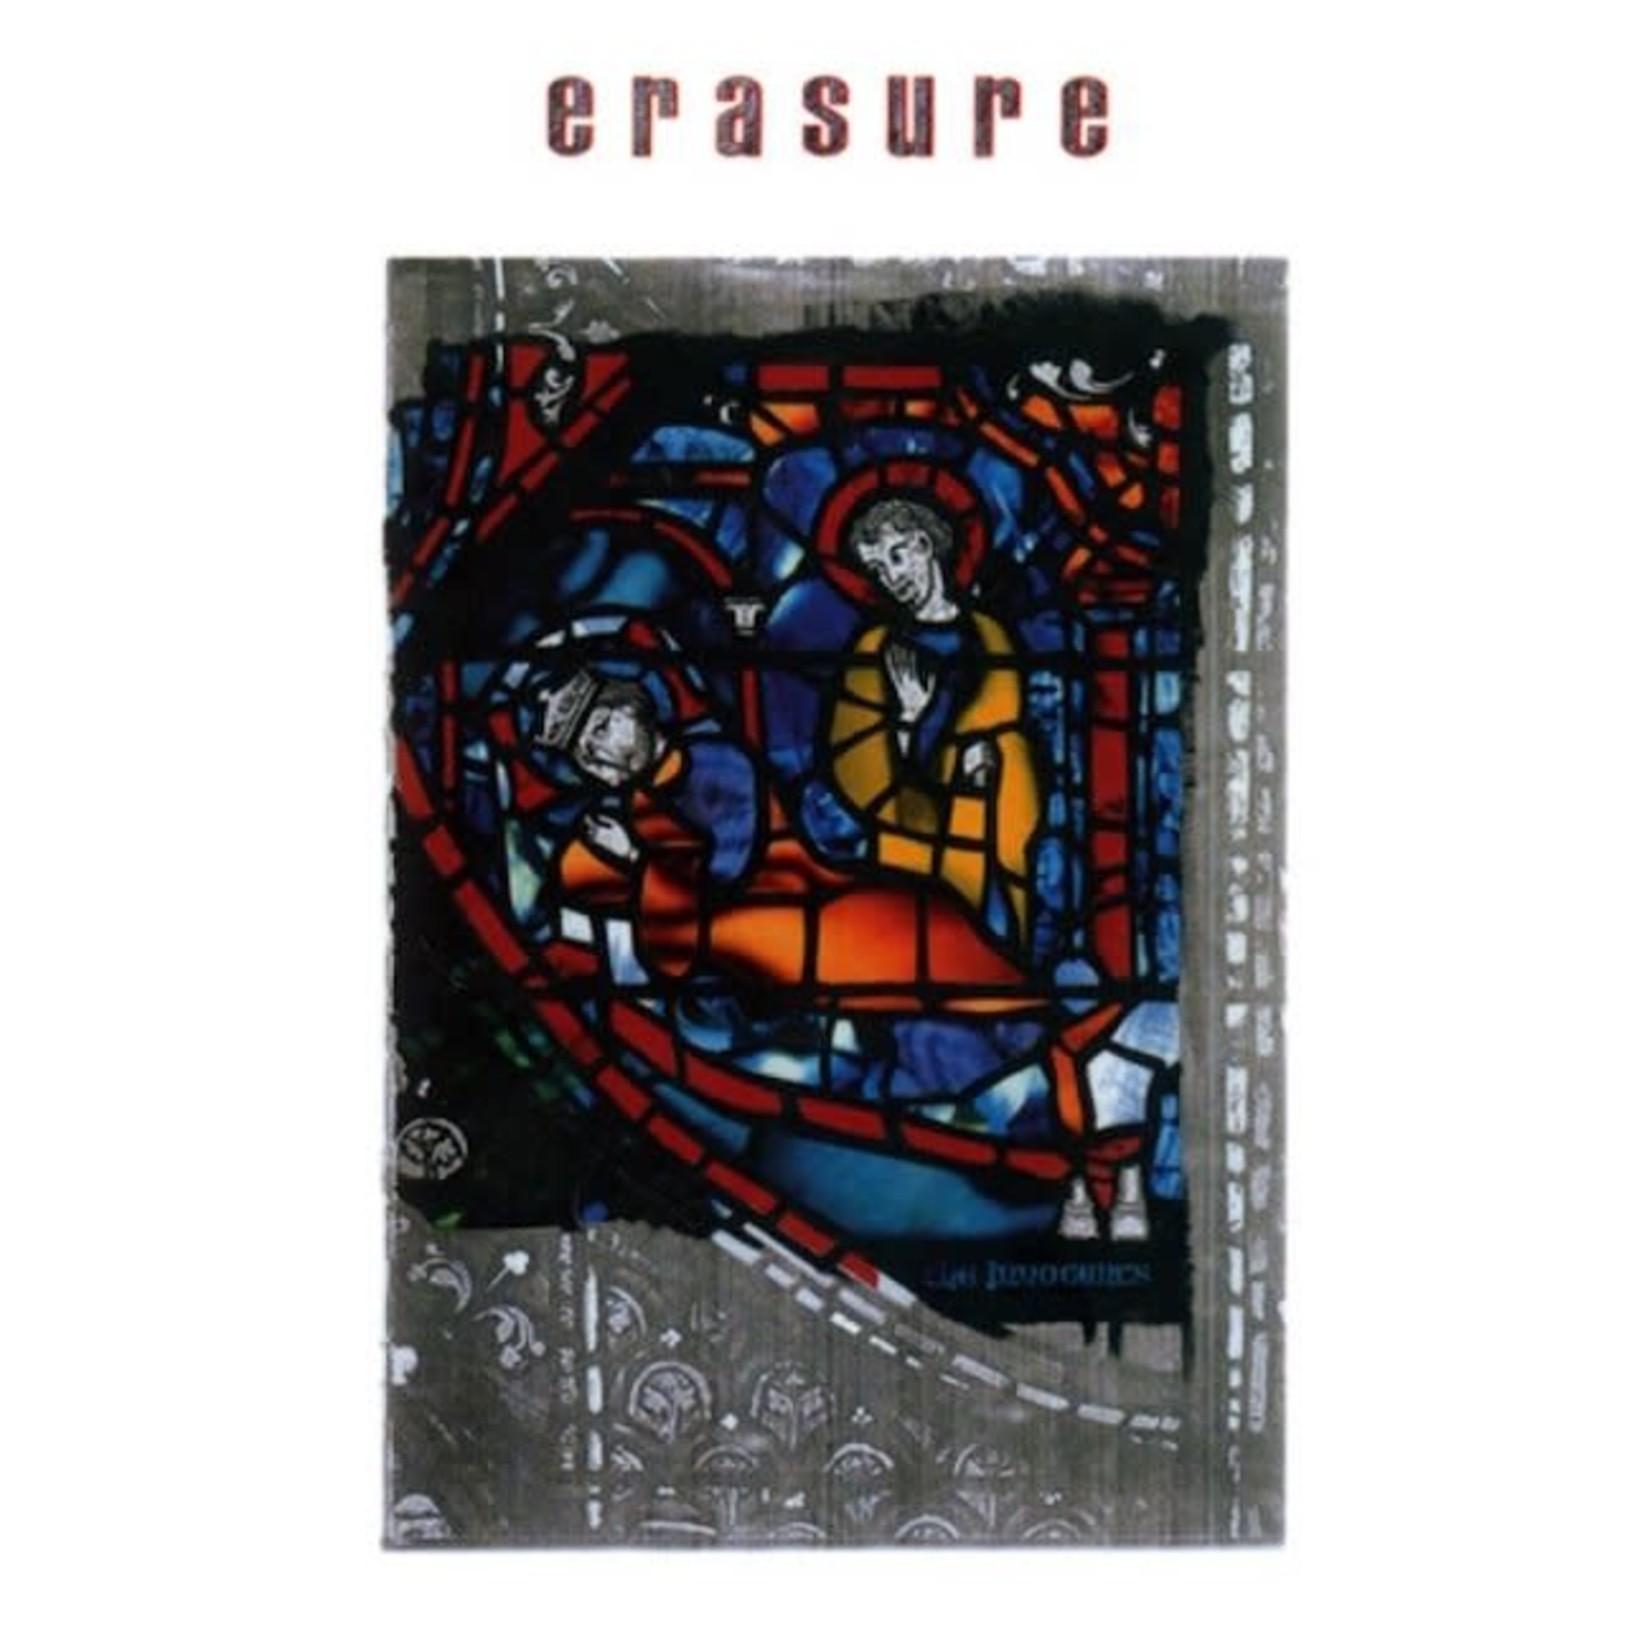 [Vintage] Erasure: The Innocents